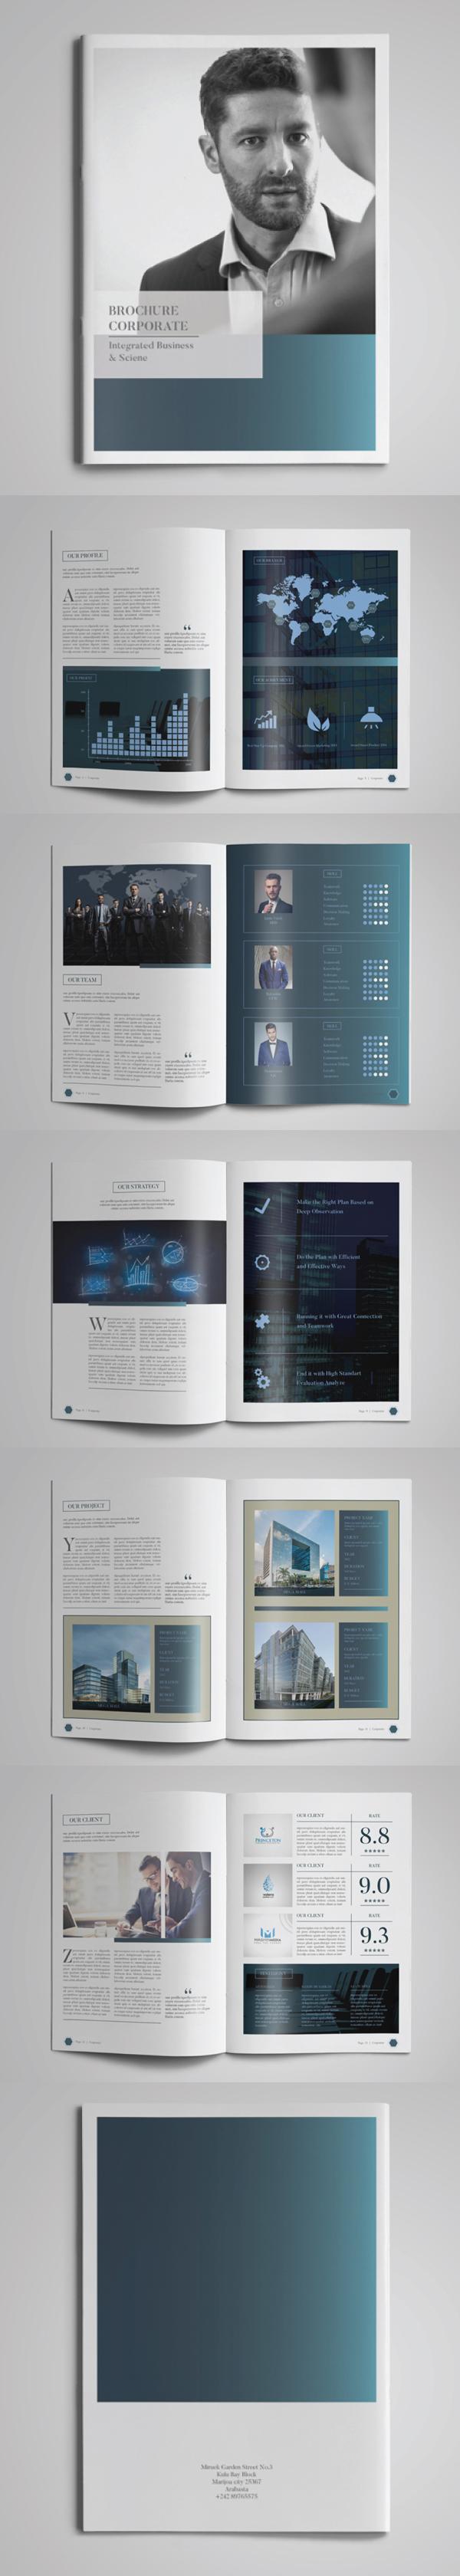 014 brochure design